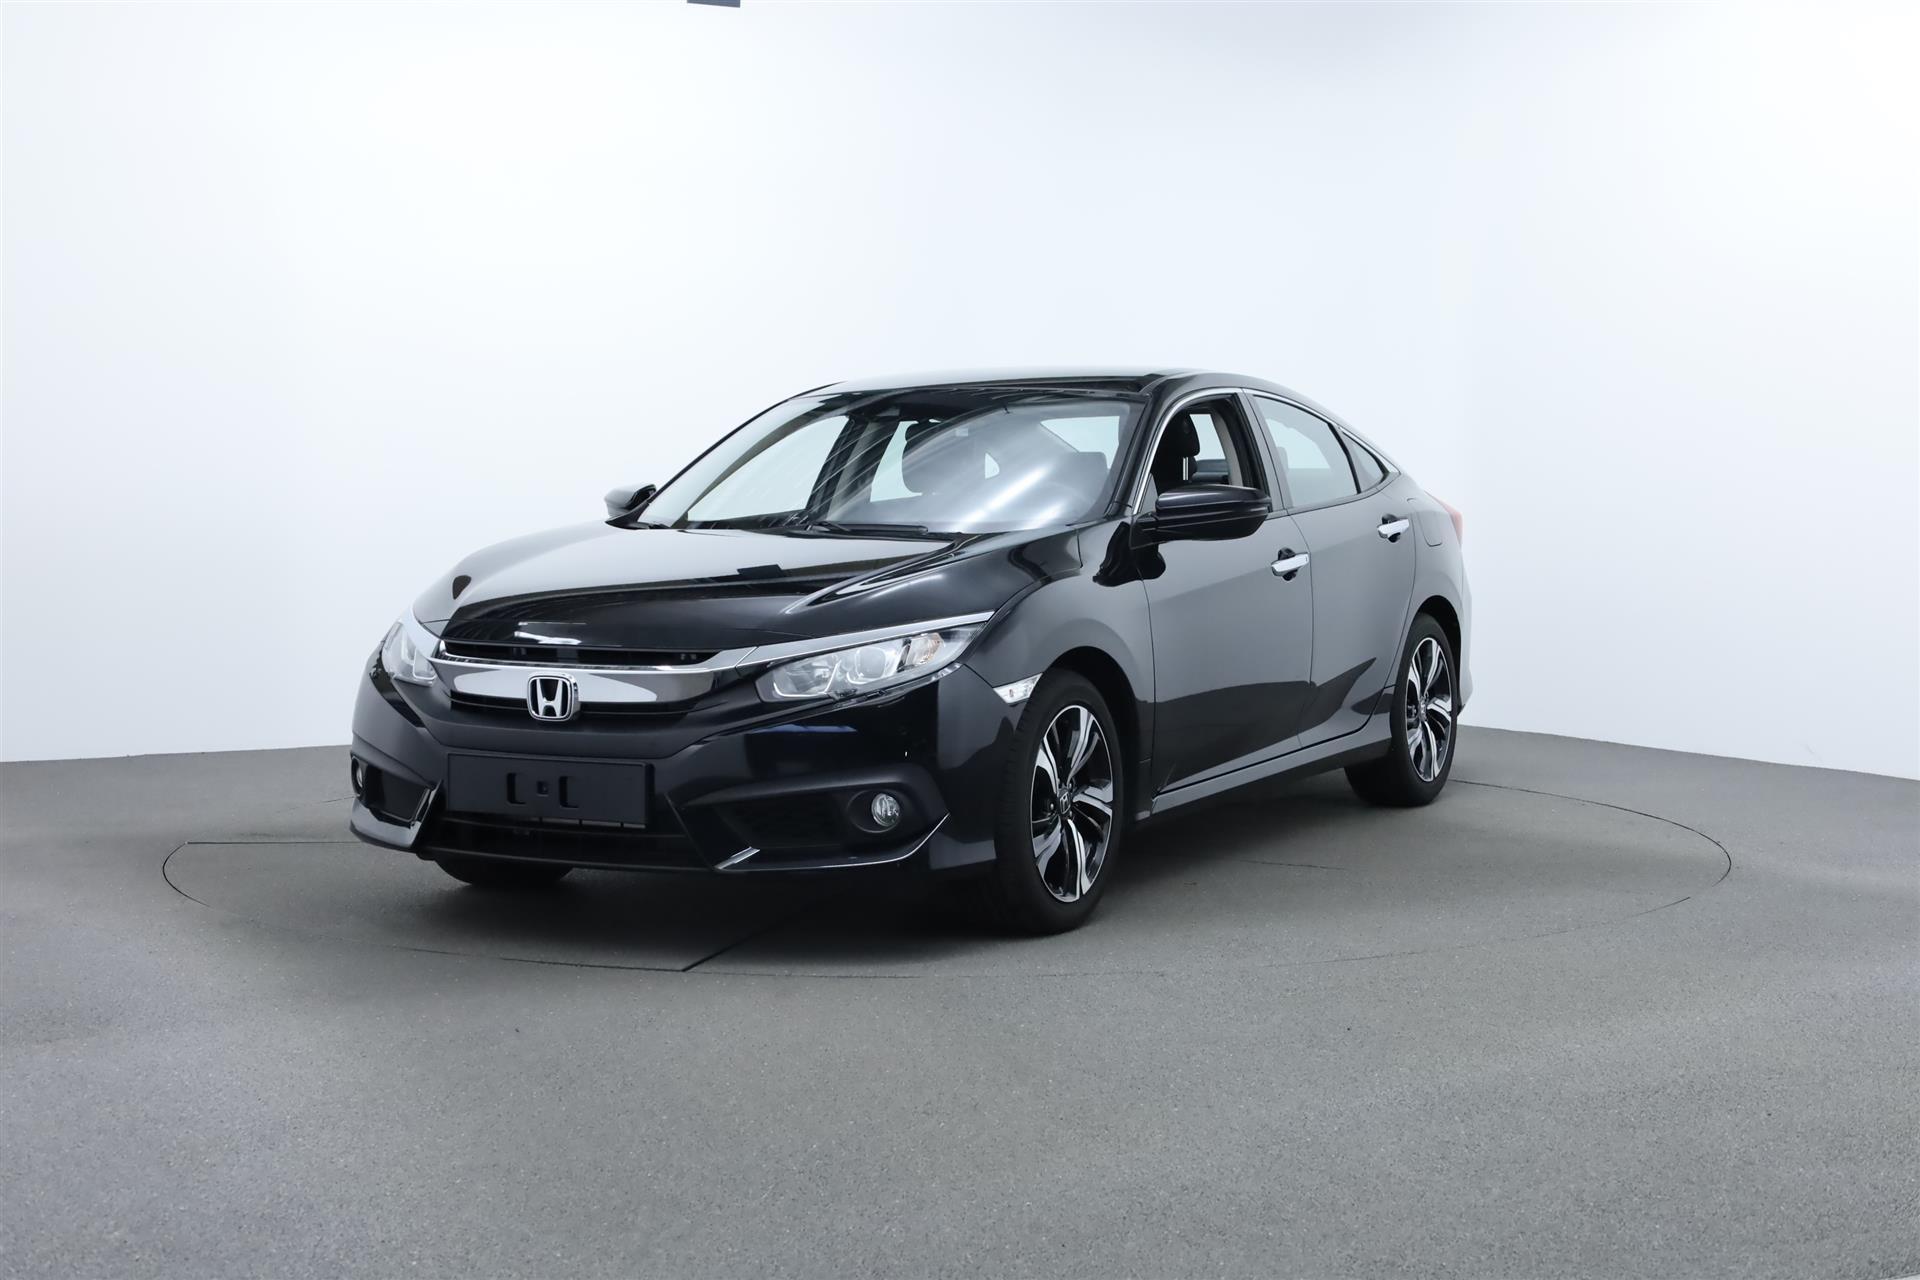 Billede af Honda Civic 1,6 i-DTEC Elegance Navi 120HK 6g